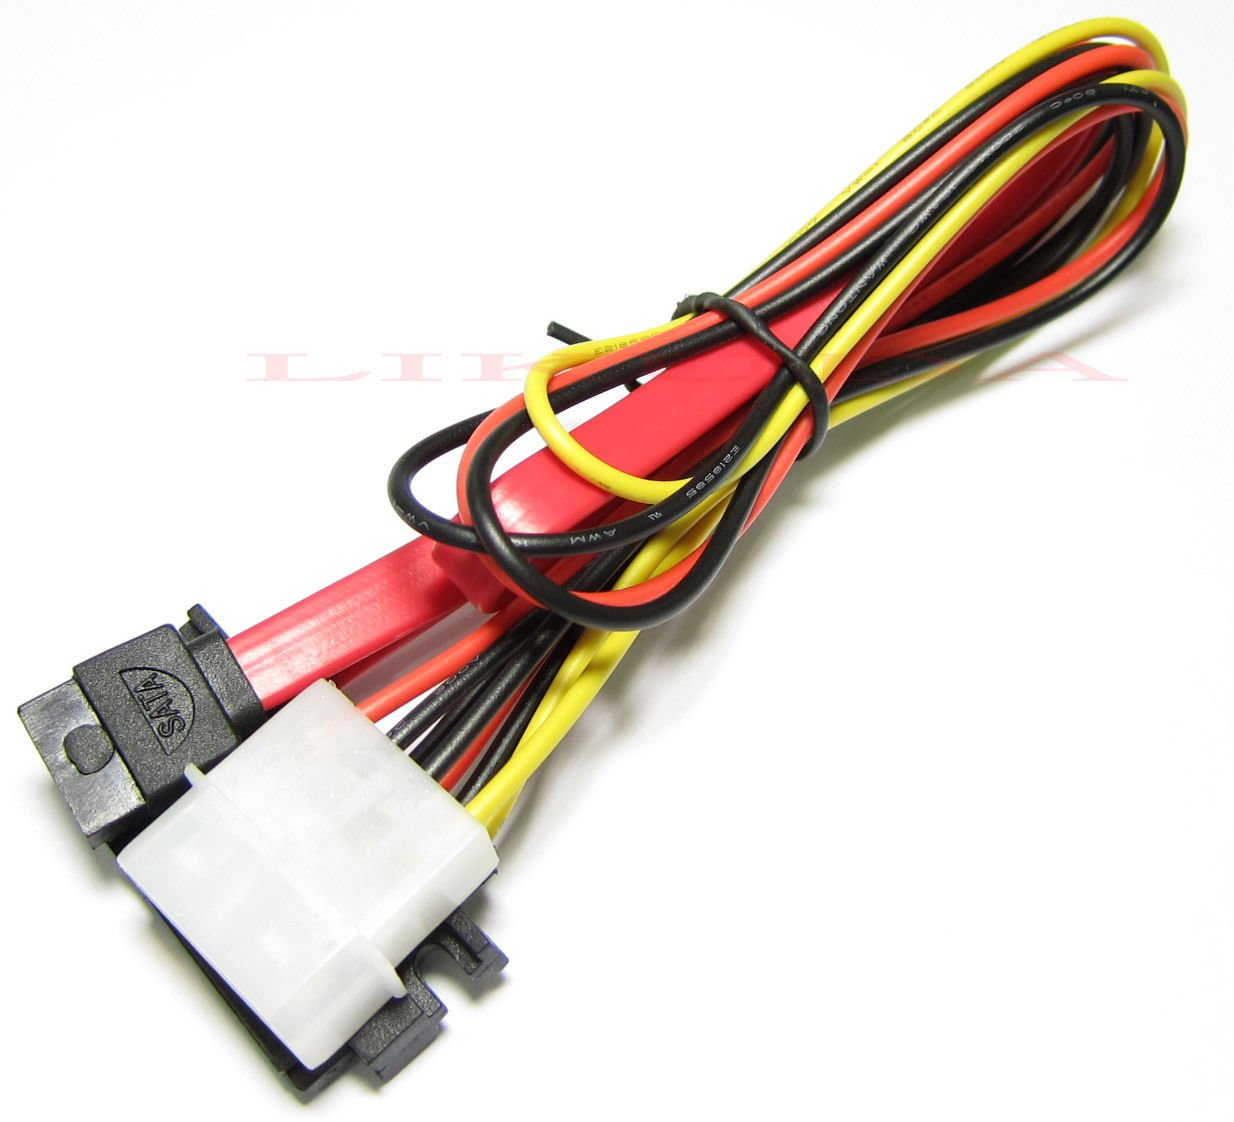 3 pcs Desktop PC Computer 7+15 Pin to 4 Pin IDE Power Serial ATA SATA Data Cable